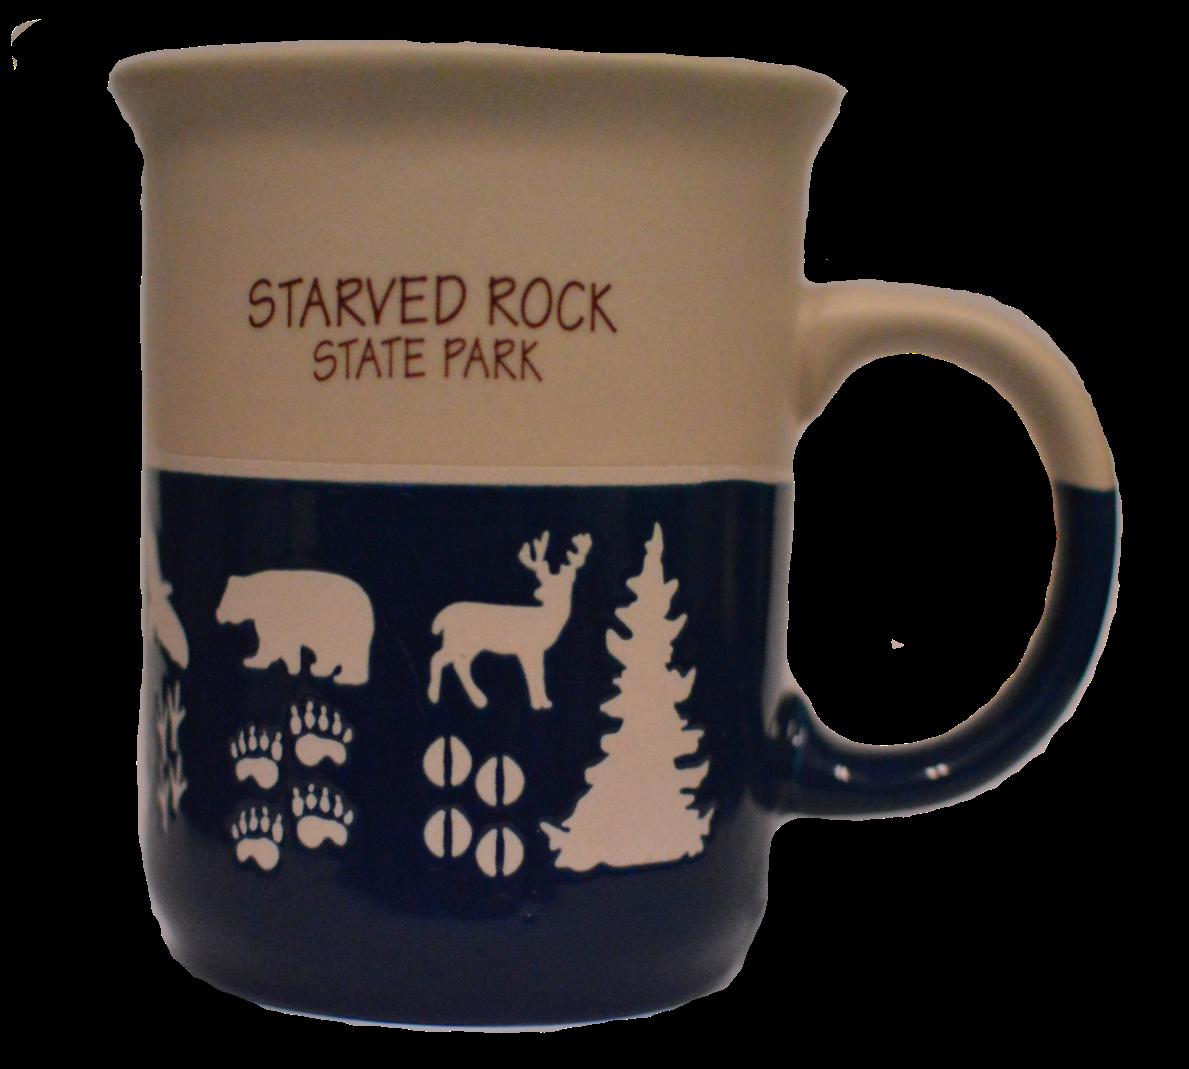 Starved Rock Animal Prints Coffee Mug